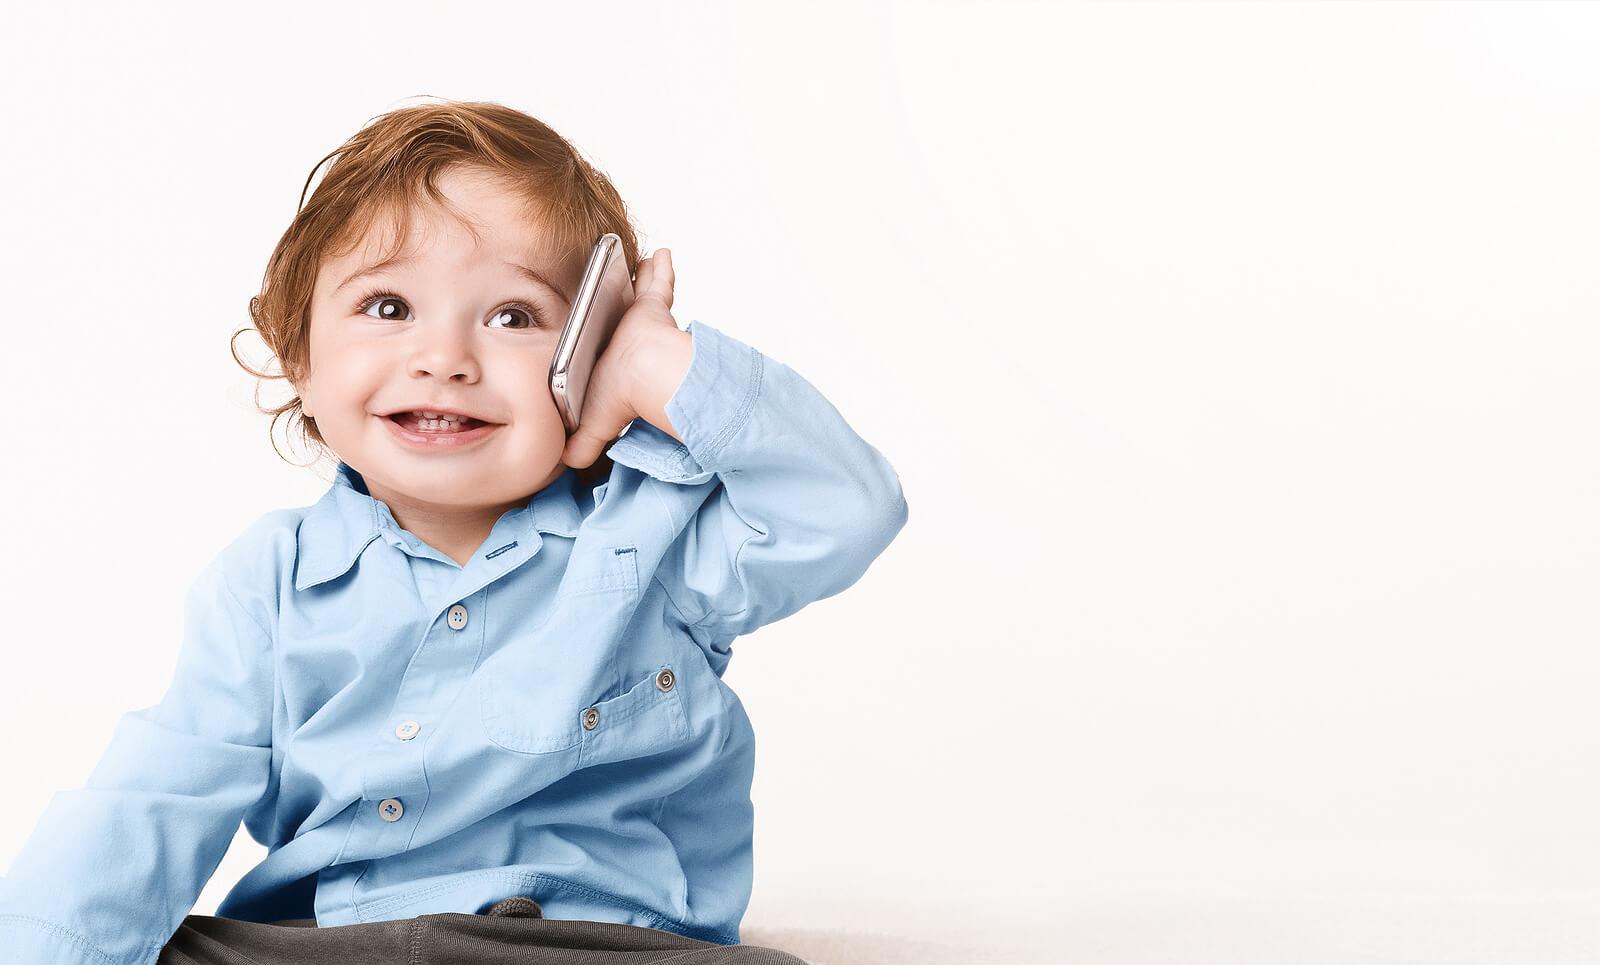 Nino pequeño diciendo sus primeras palabras por teléfono.